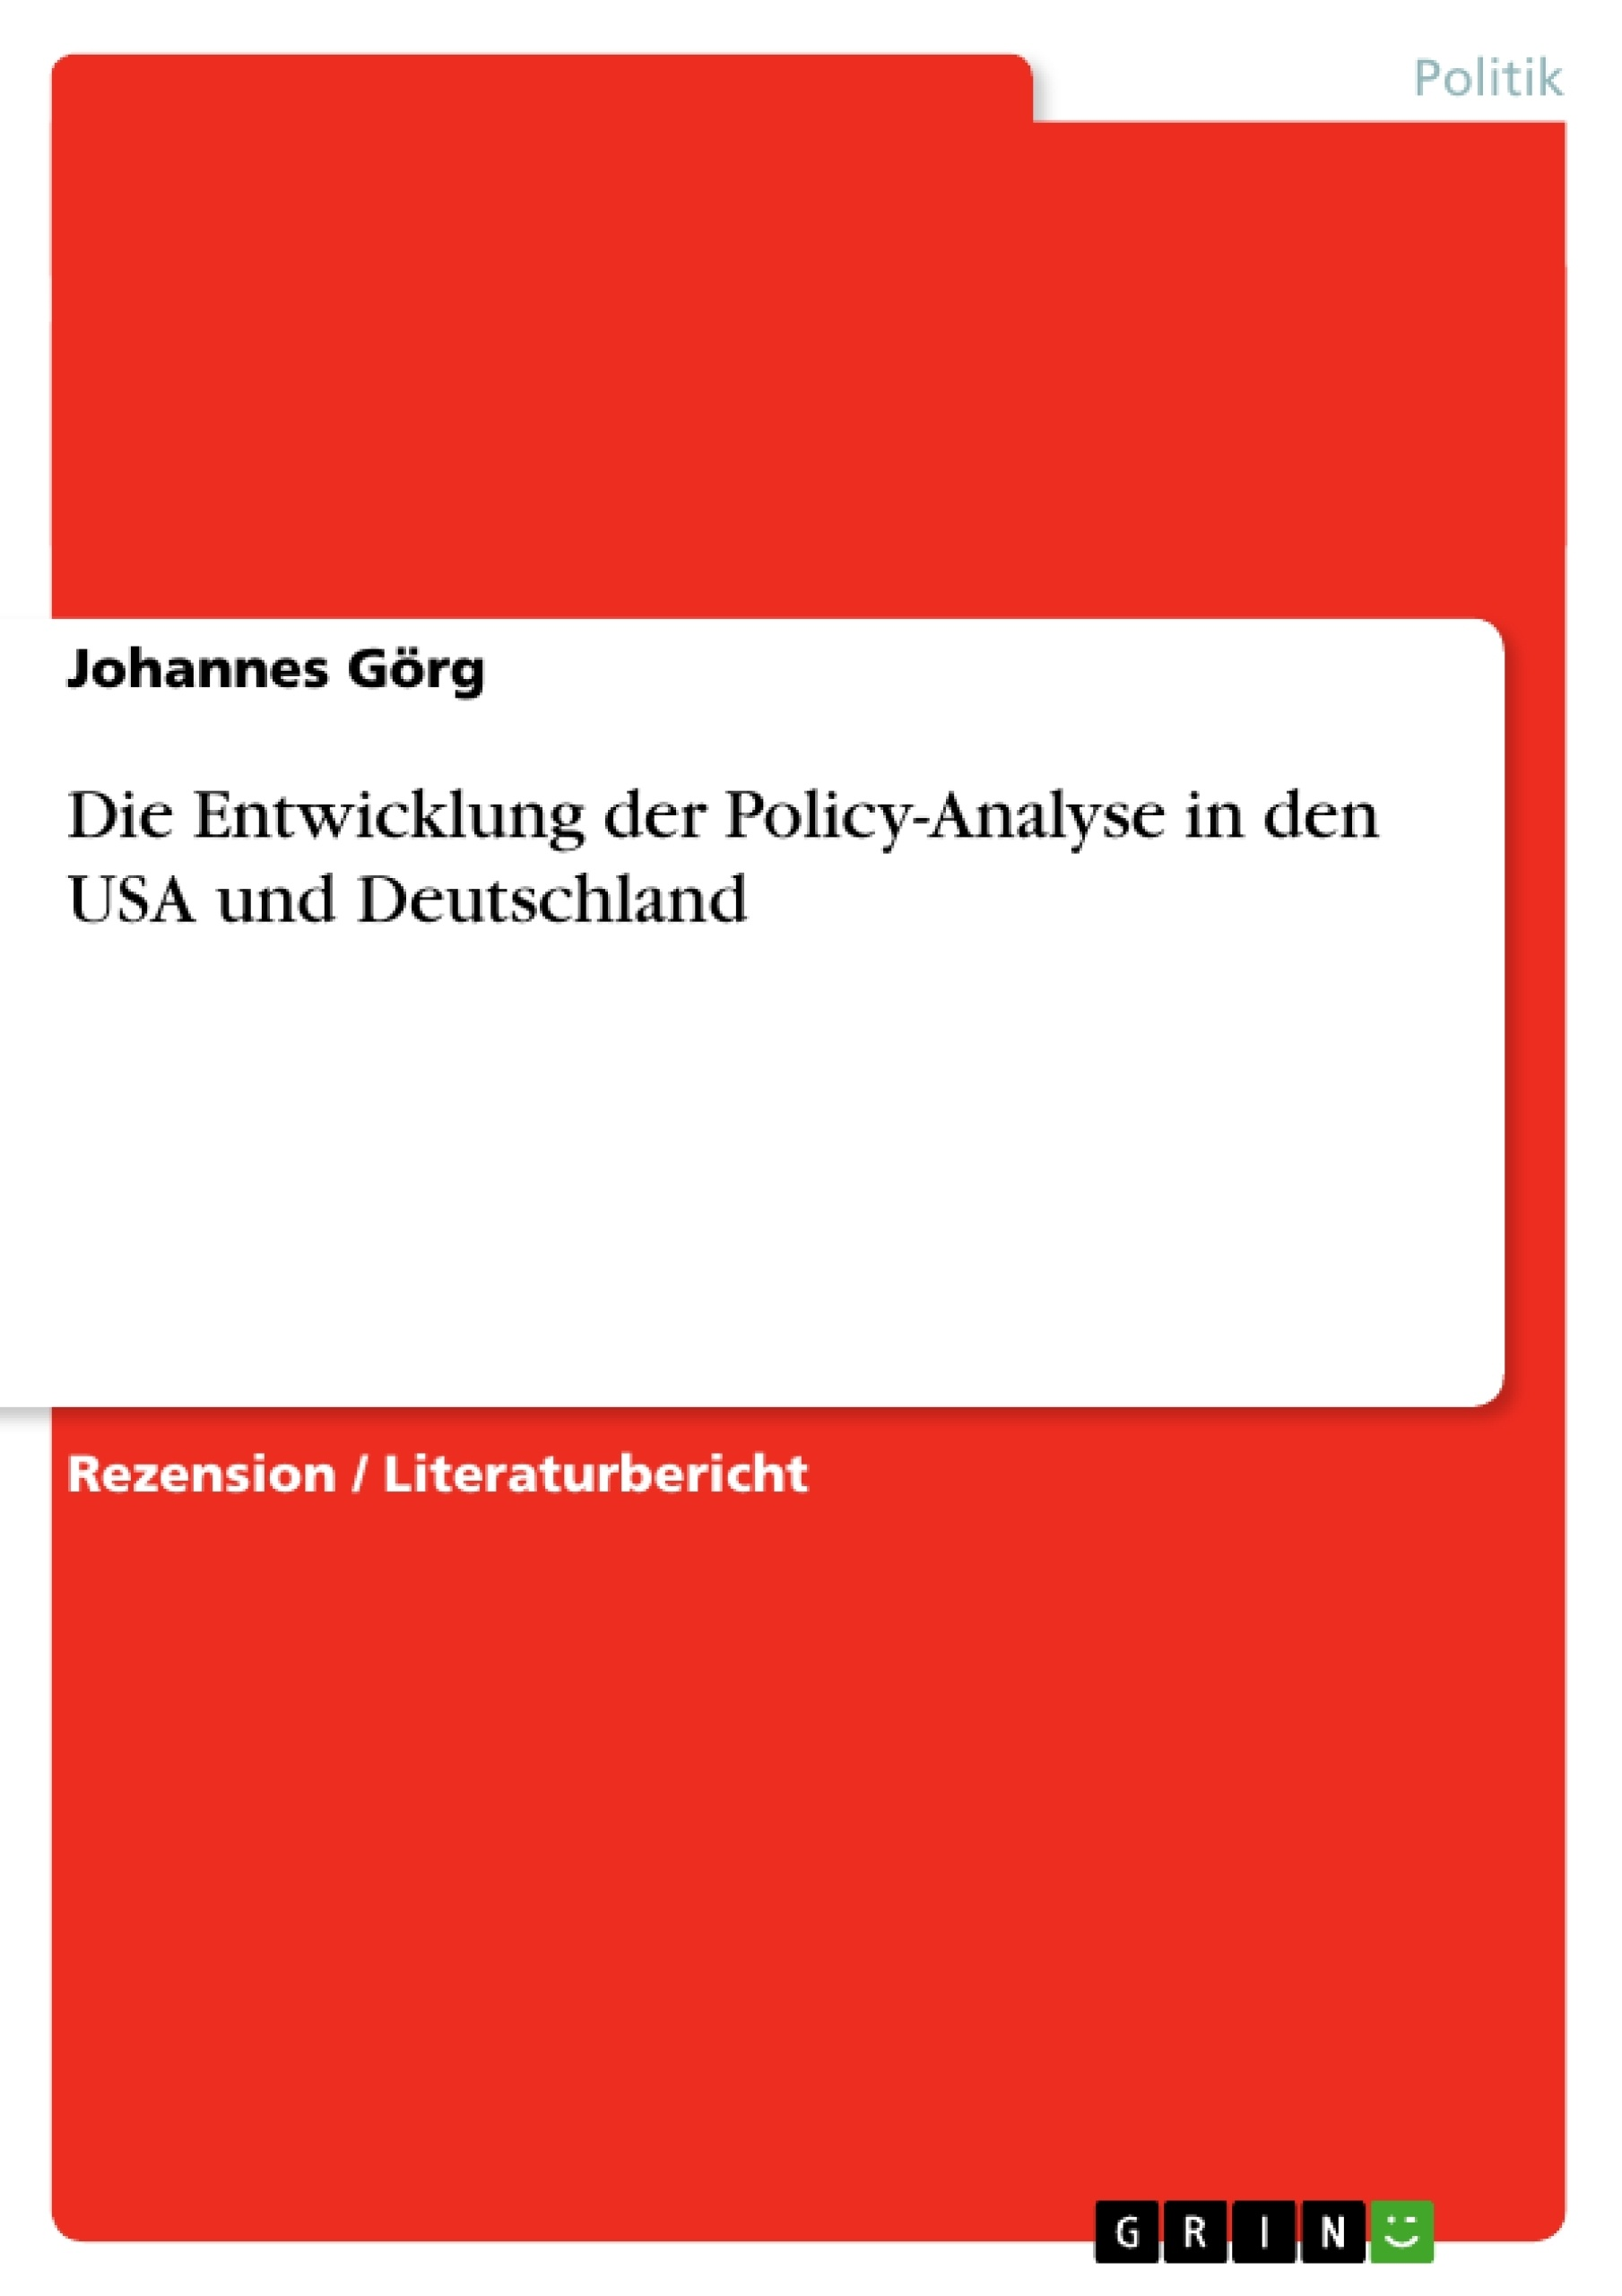 Titel: Die Entwicklung der Policy-Analyse in den USA und Deutschland